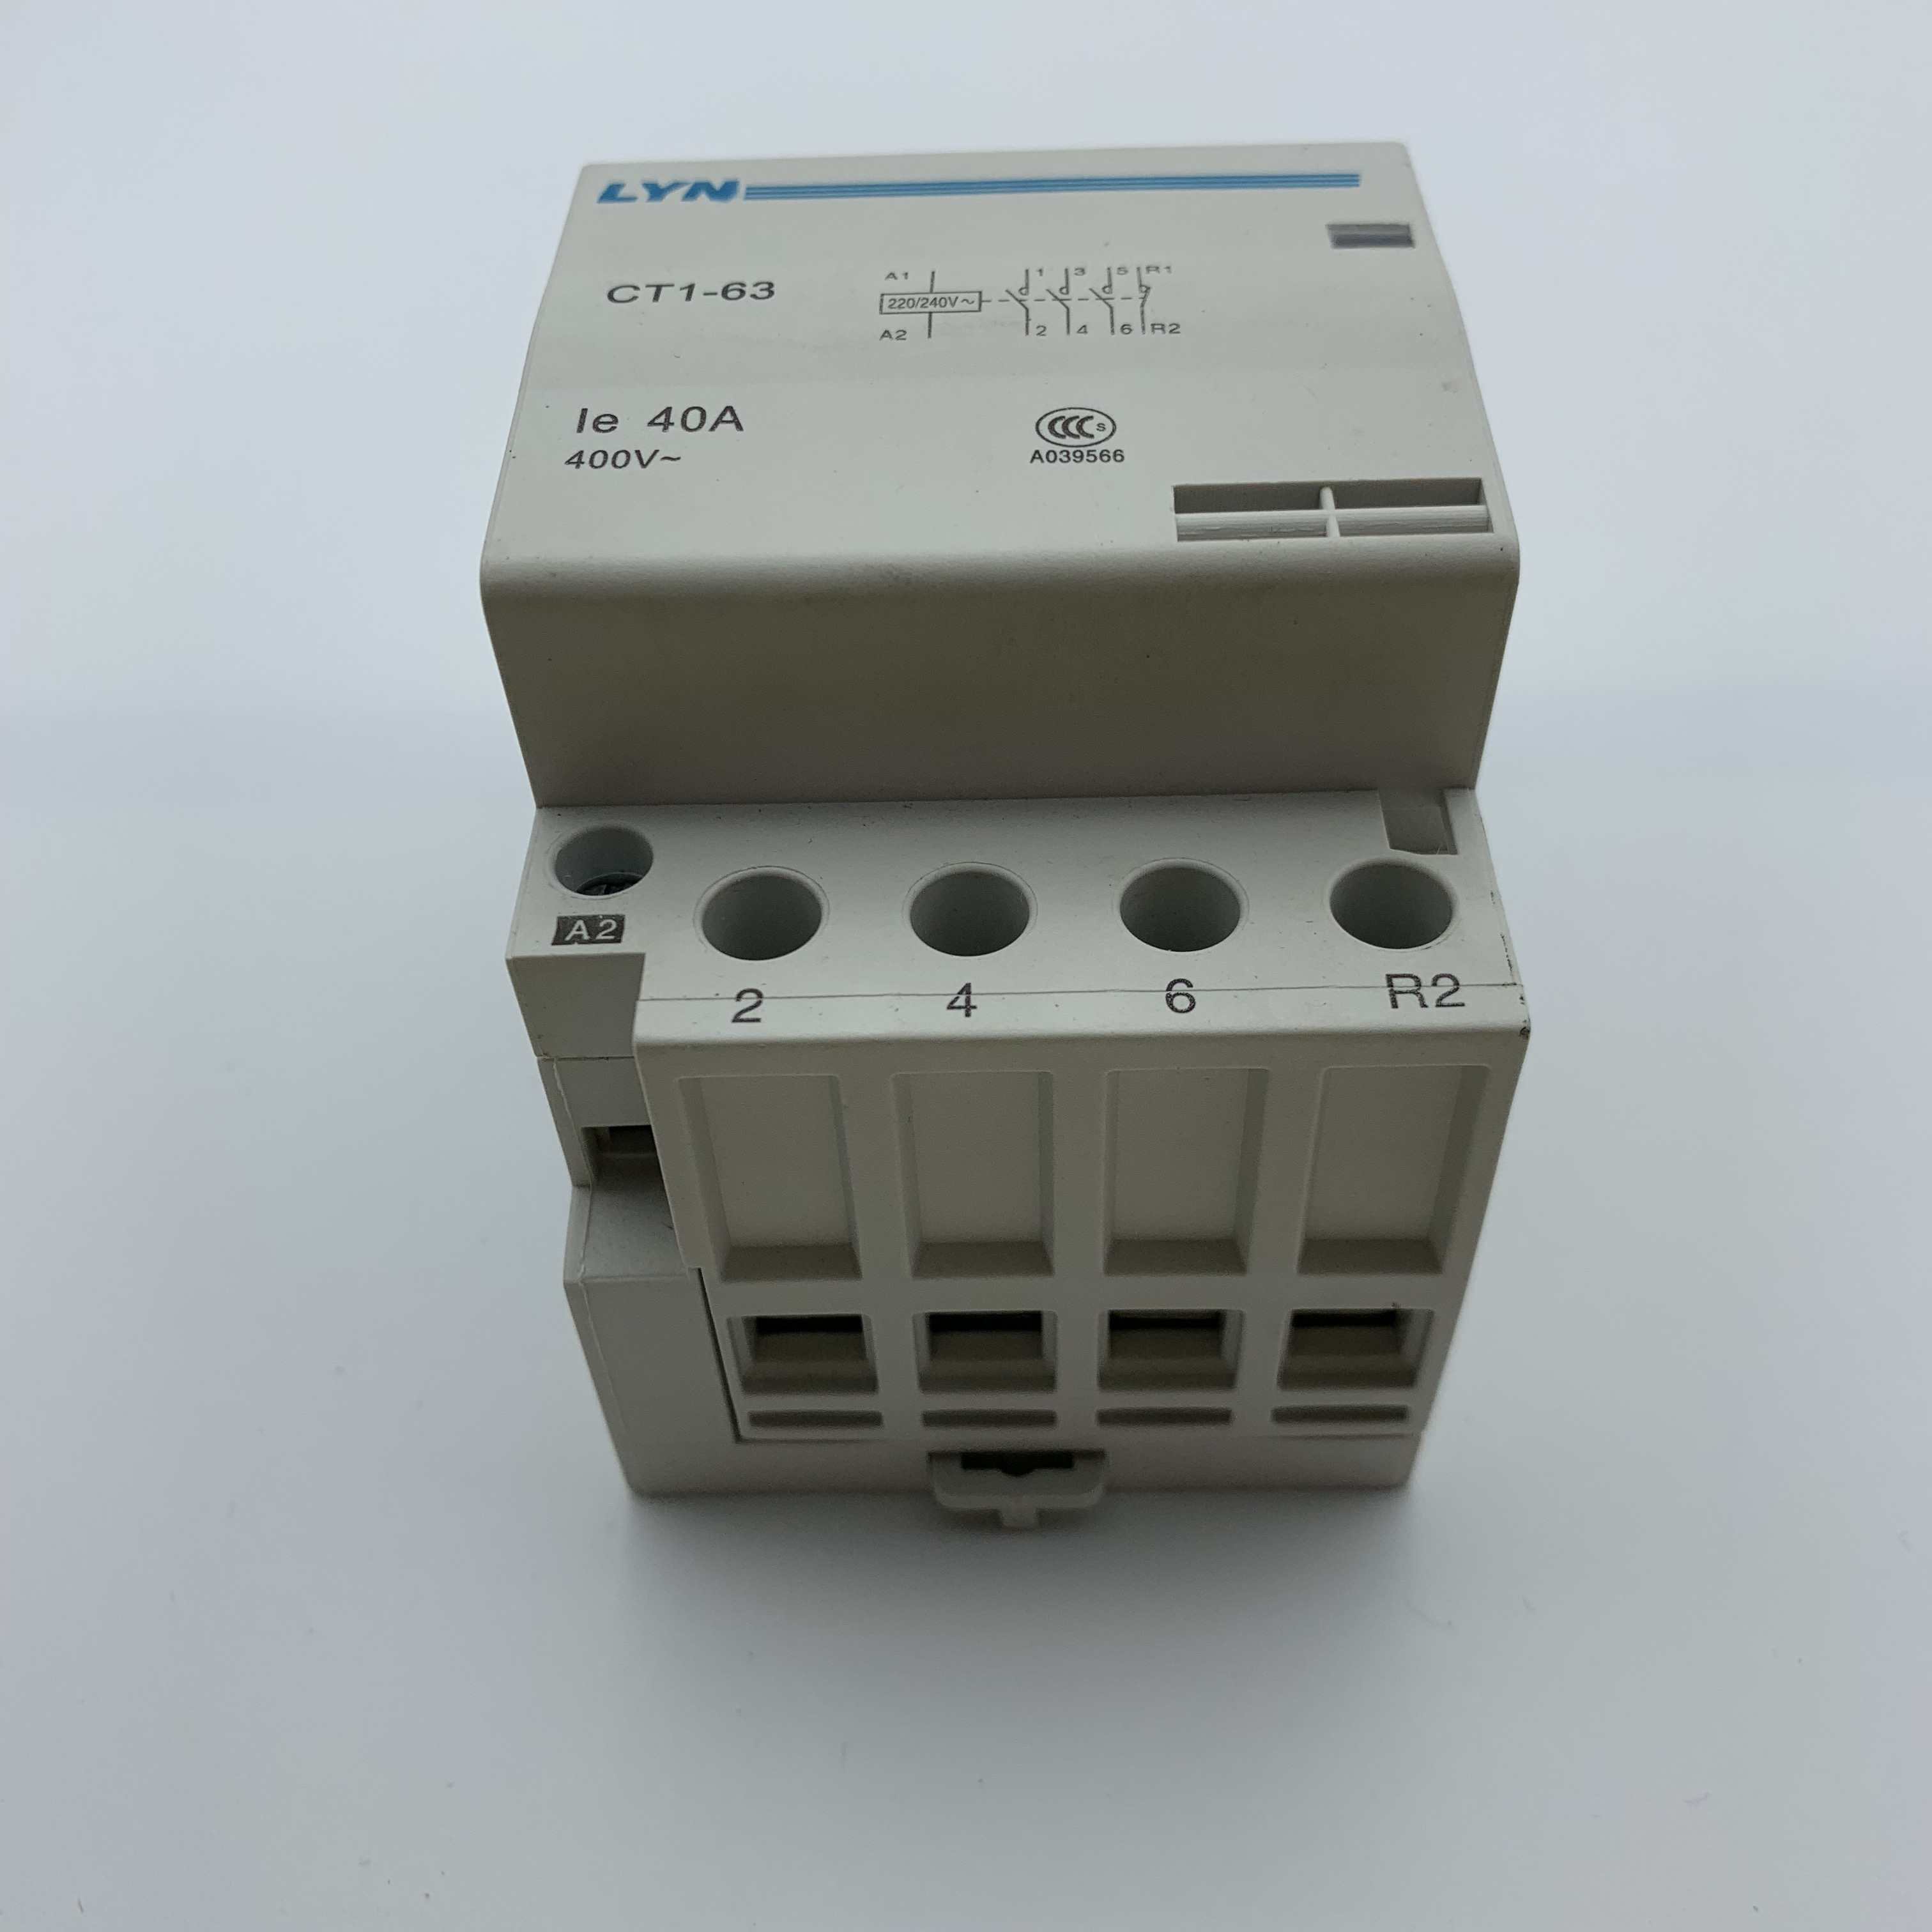 63a interruptor de contato 220 v 3no1nc 02